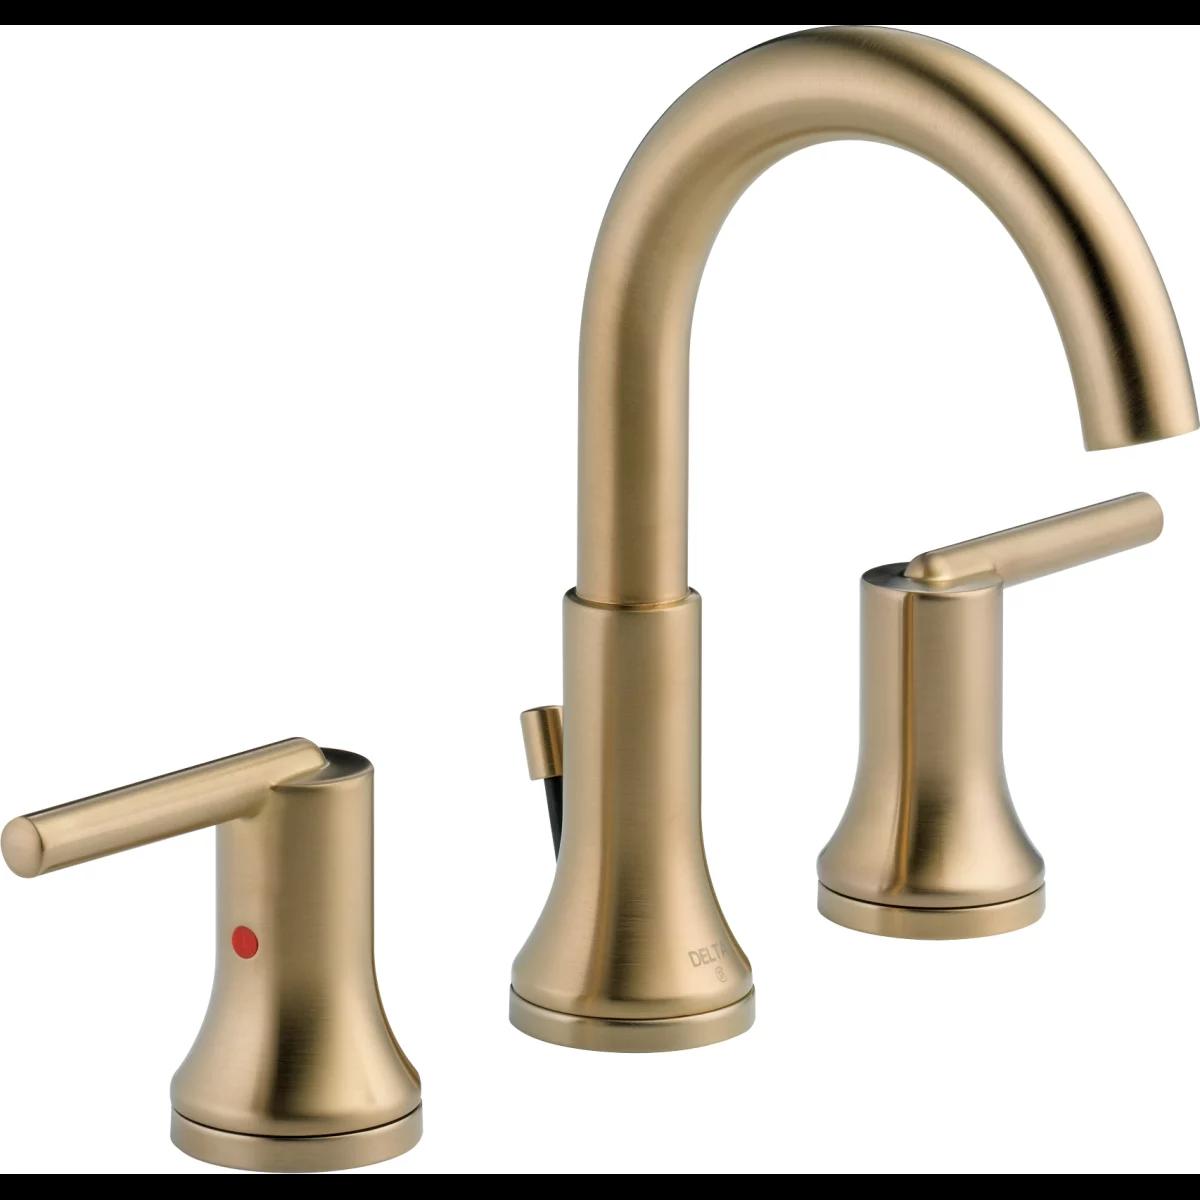 Delta 3559 Mpu Widespread Bathroom Faucet High Arc Bathroom